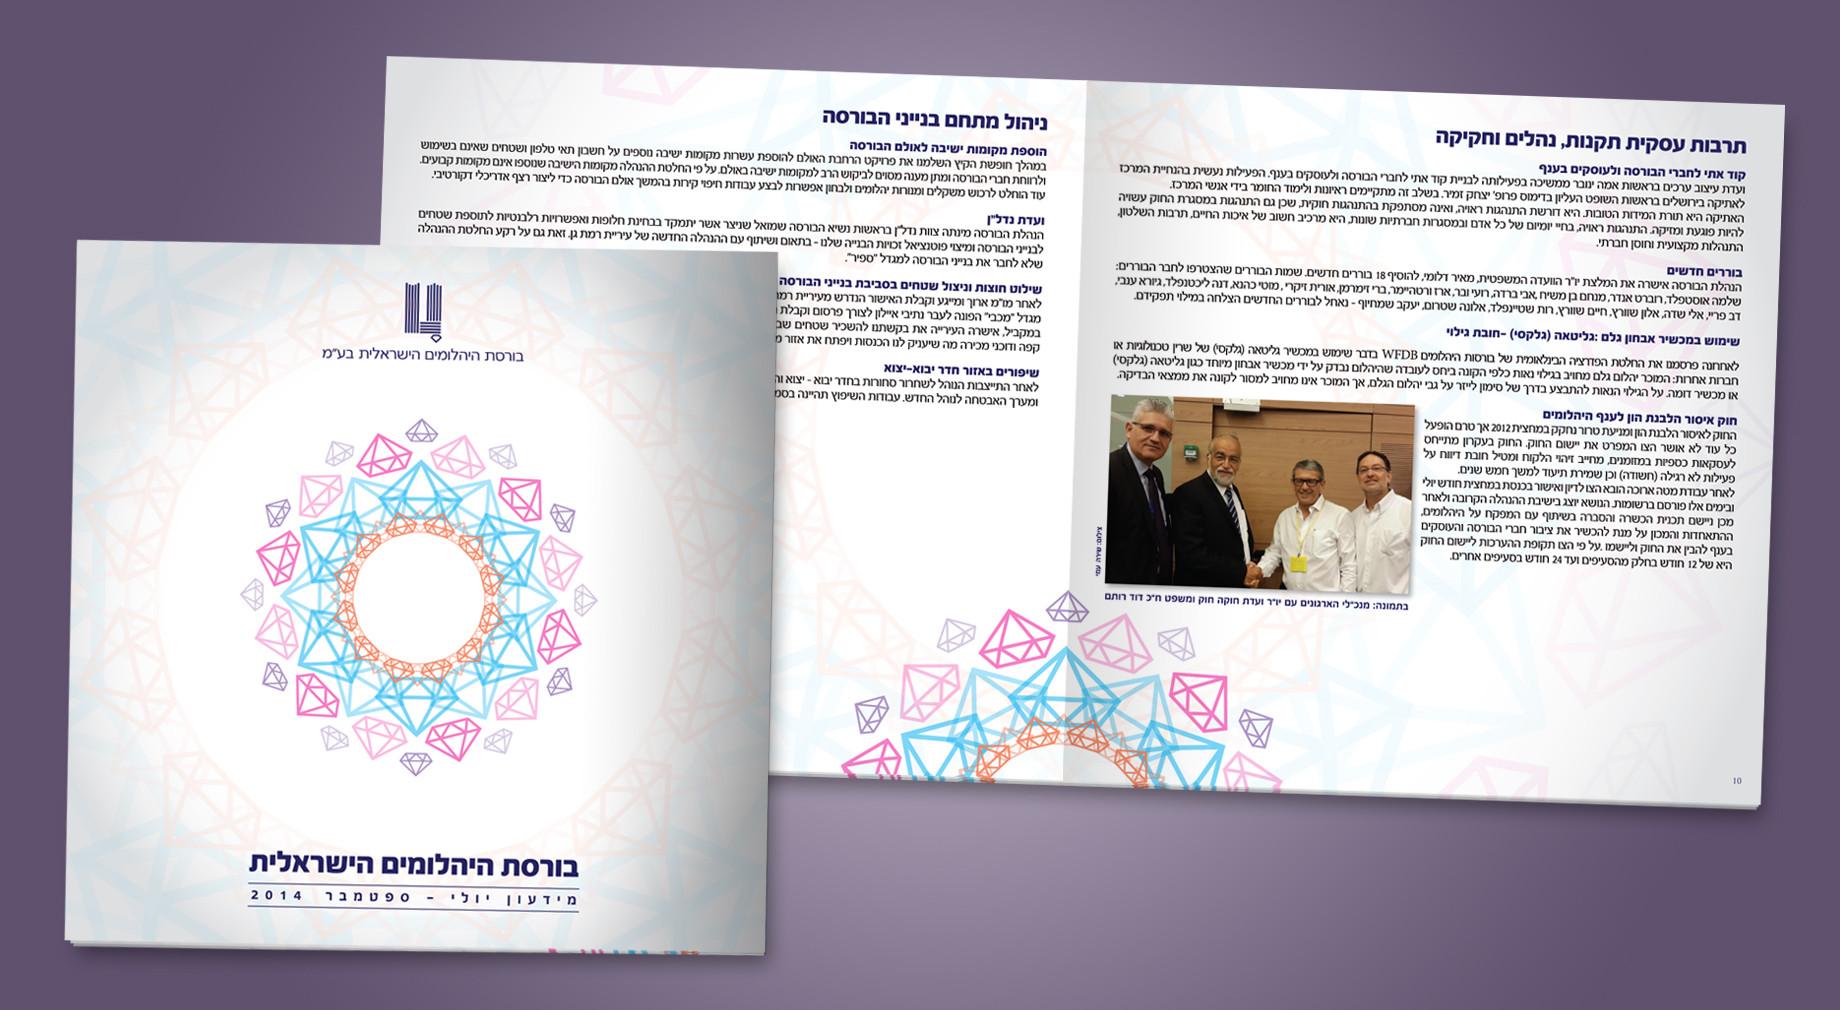 עיצוב מידעון רבעוני לבורסת היהלומים הישראלית